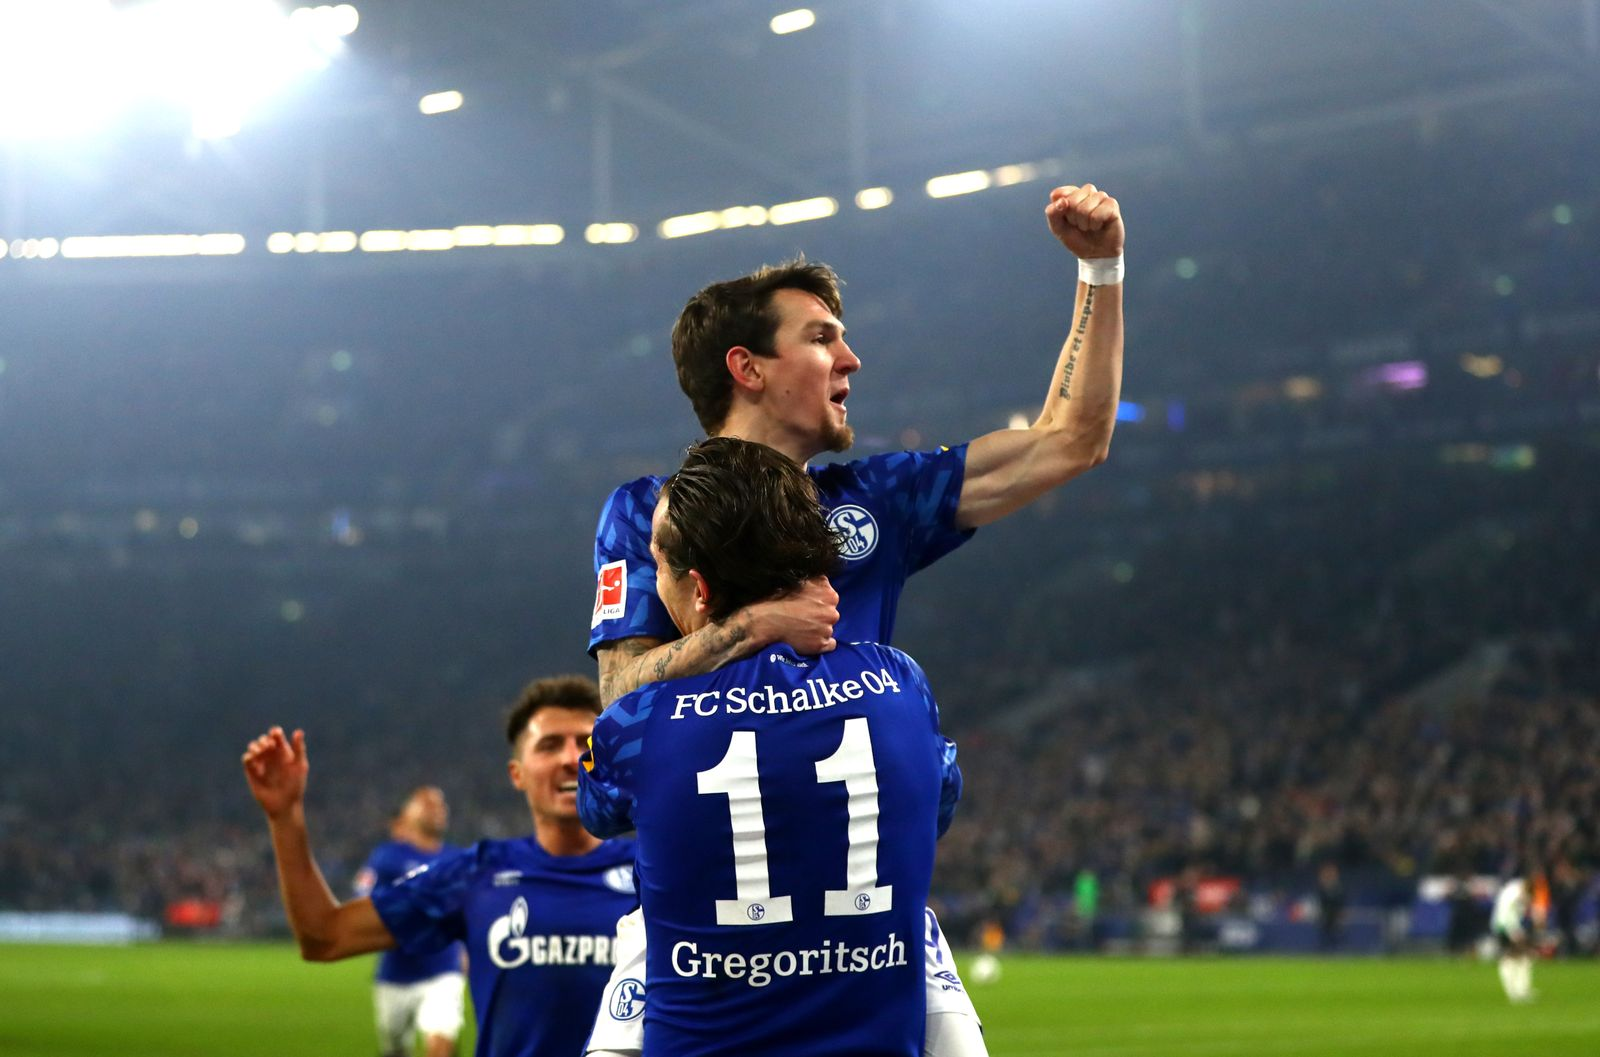 FC Schalke 04 v Borussia Moenchengladbach - Bundesliga